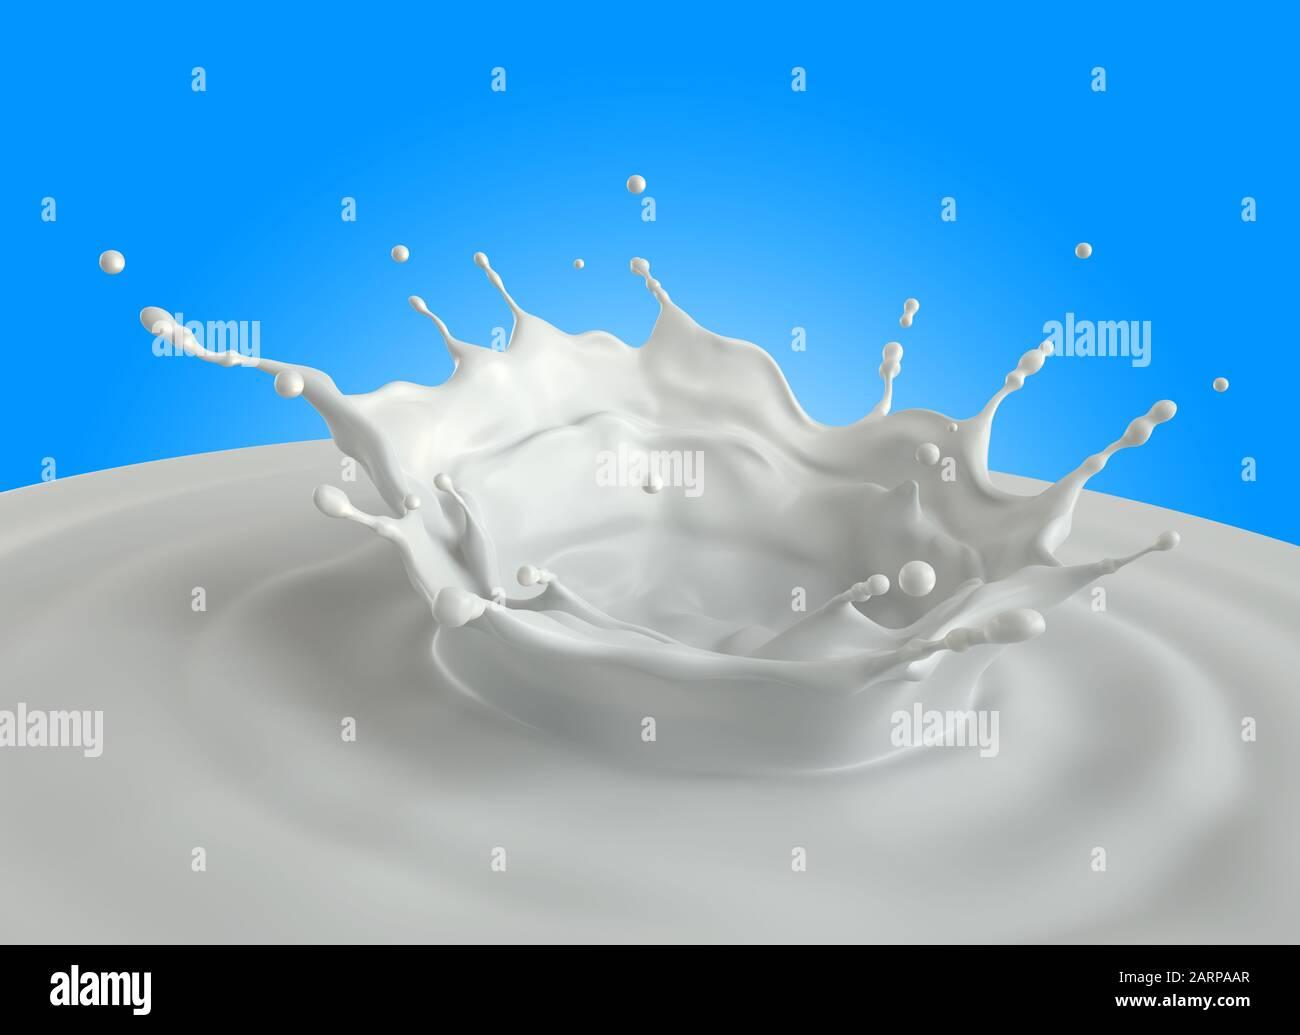 Salpicadura de leche. Trazado de recorte incluido. Ilustración 3D Foto de stock